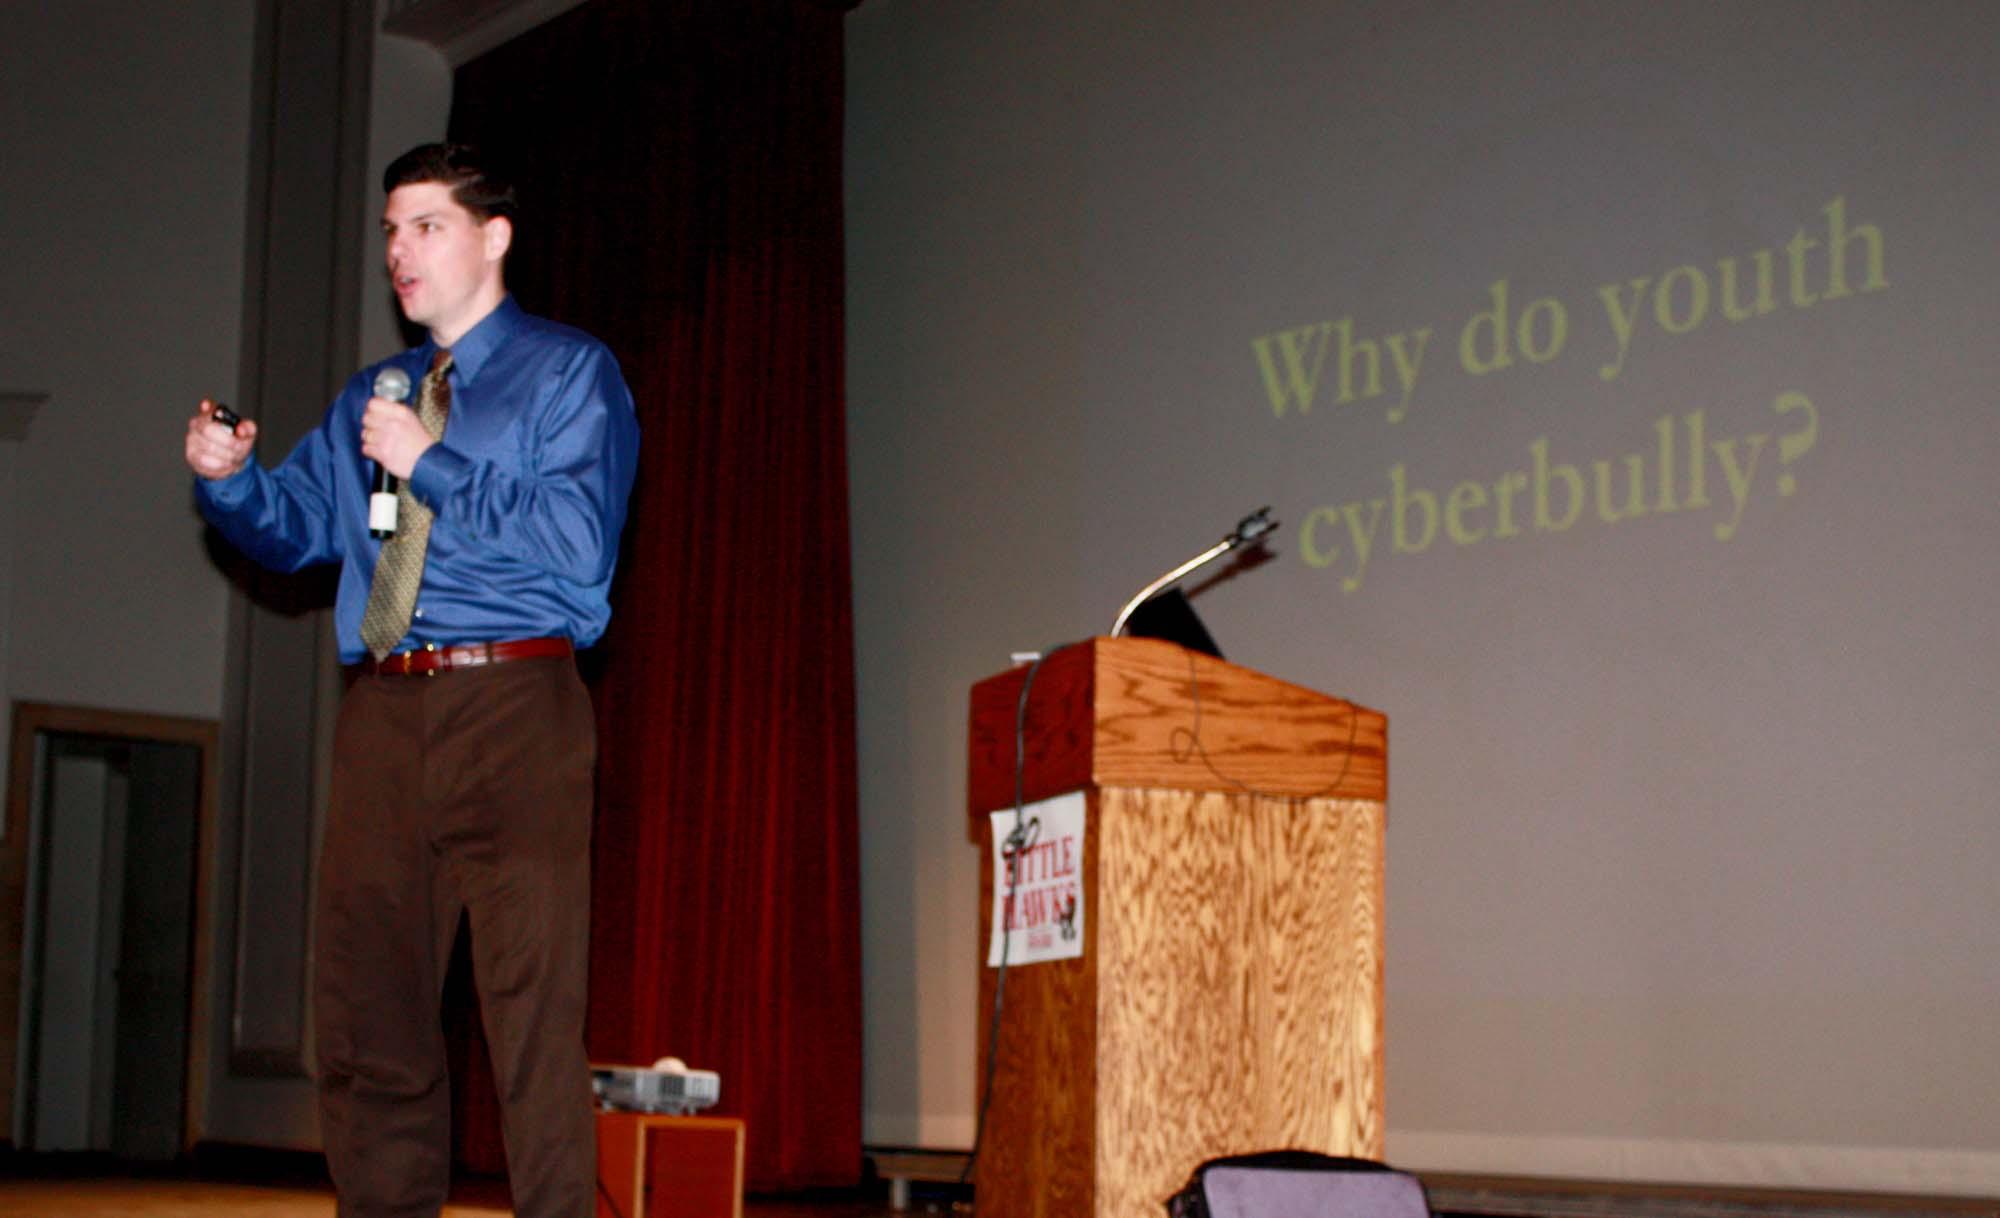 Internet-cyberbullying